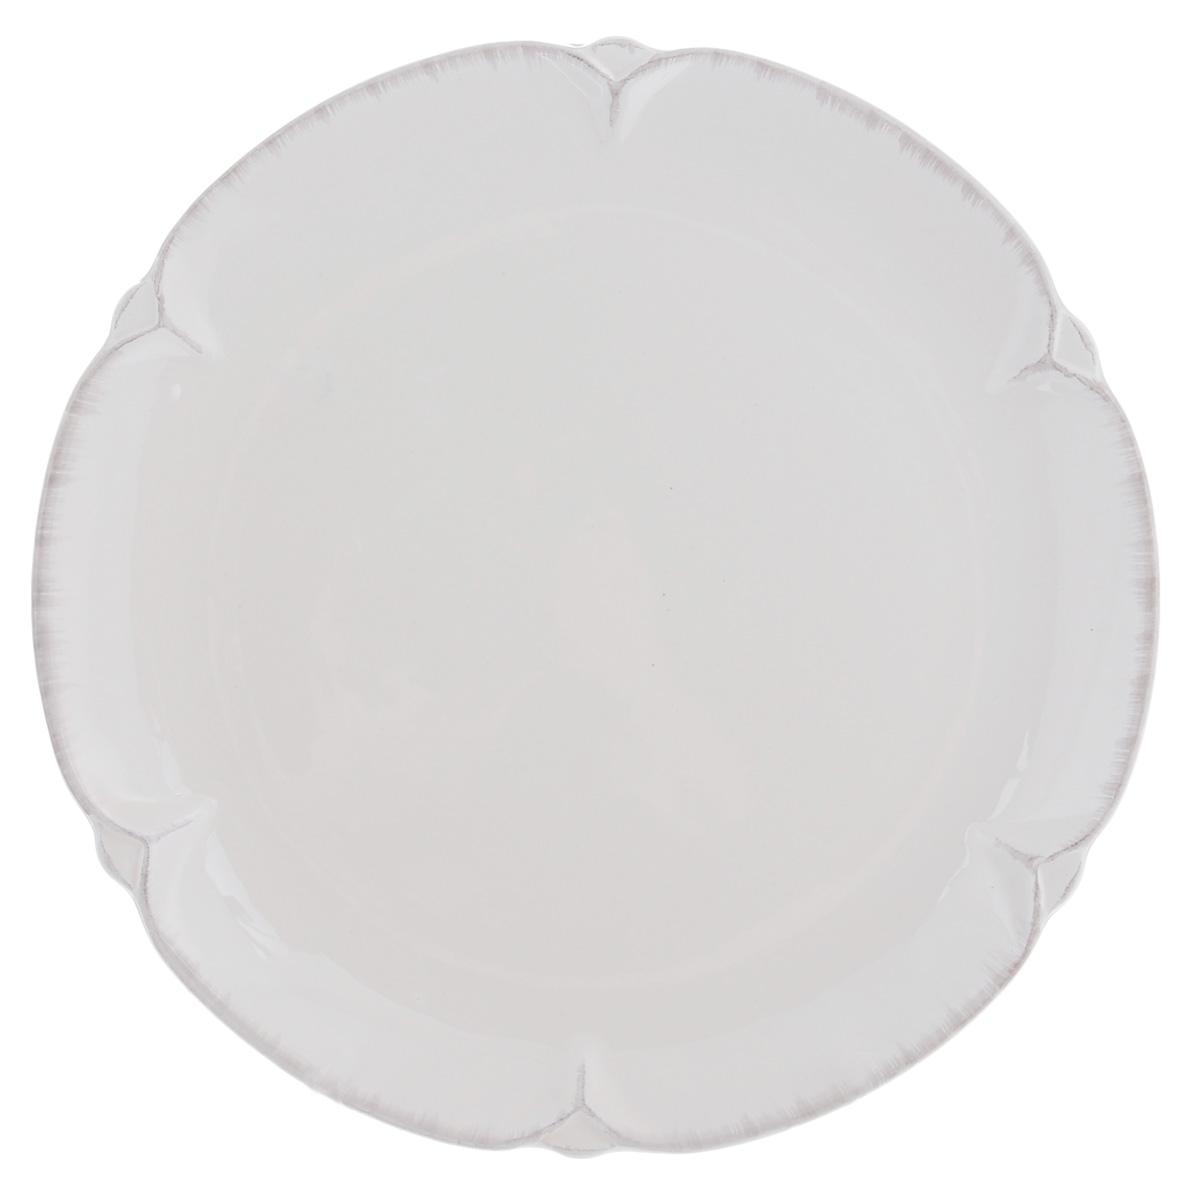 Тарелка Lillo Ideal, цвет: молочный, диаметр 26 см214204Тарелка Lillo Ideal прекрасно подойдет для сервировки вторых блюд. Изделие изготовлено из керамики и оснащено рельефными неровными краями. Такое оформление придется по вкусу и ценителям классики, и тем, кто предпочитает утонченность и изысканность. Тарелка Lillo Ideal украсит сервировку вашего стола и подчеркнет прекрасный вкус хозяина, а также станет отличным подарком. Можно использовать в посудомоечной машине и микроволновой печи. Диаметр тарелки: 26 см.Высота тарелки: 2,5 см.